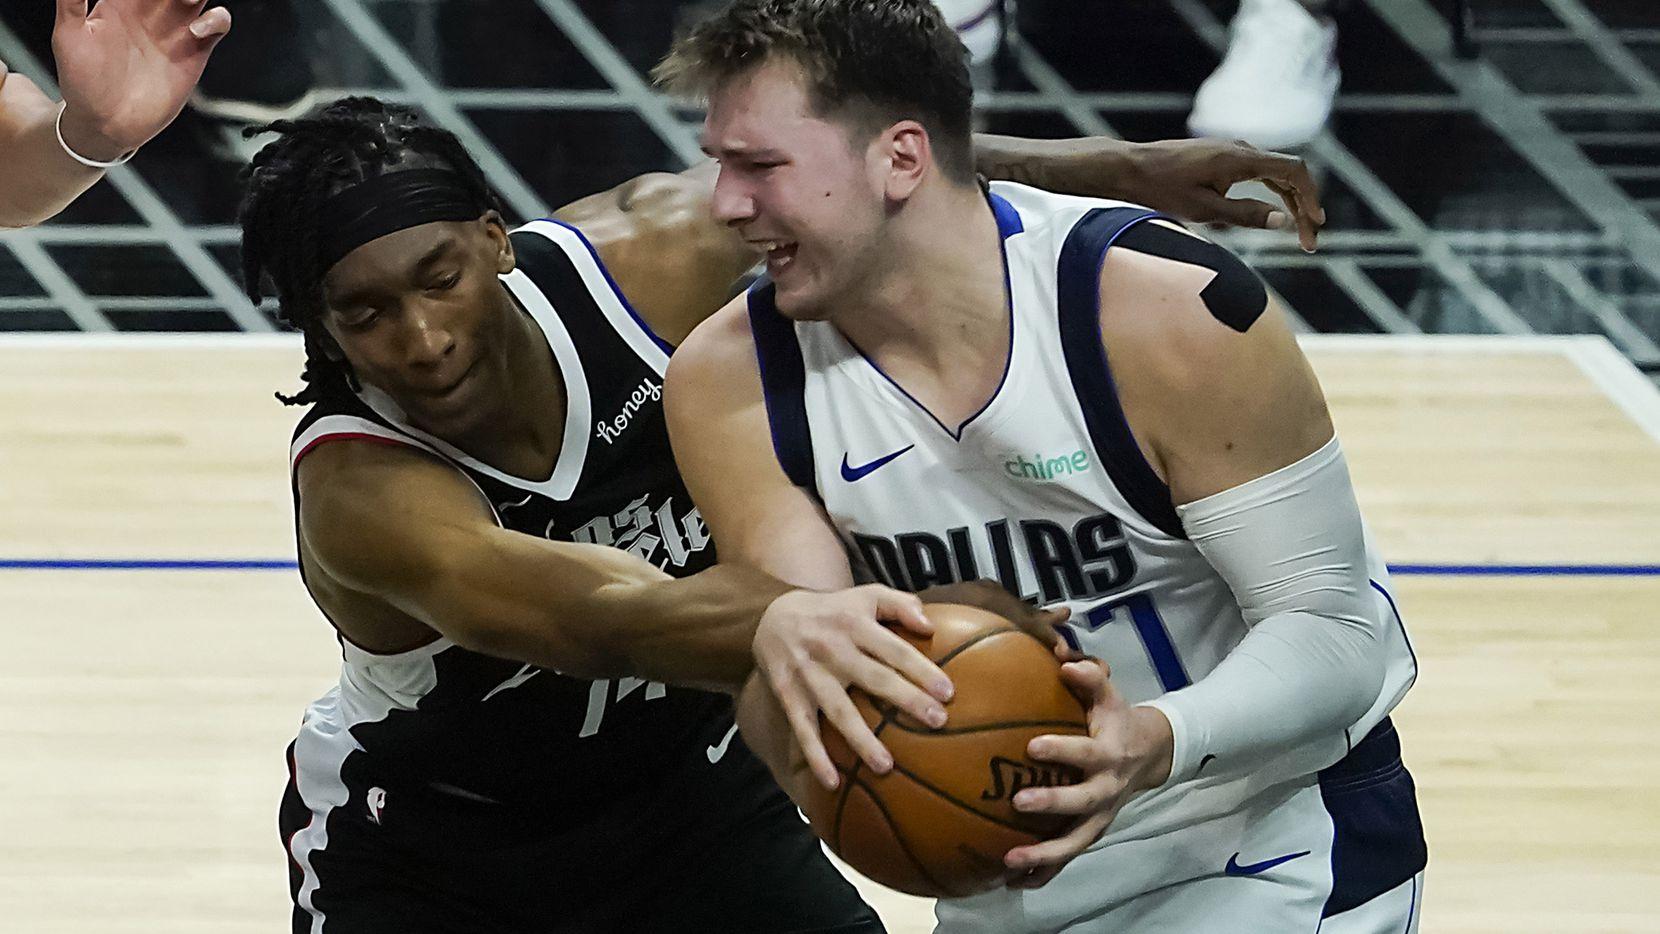 El guardia de los Mavericks de Dallas (der) protege el balón ante el acoso de Terance Mann, de los Clippers de Los Ángeles, el 2 de junio de 2021 en el Staples Center de Los Ángeles.